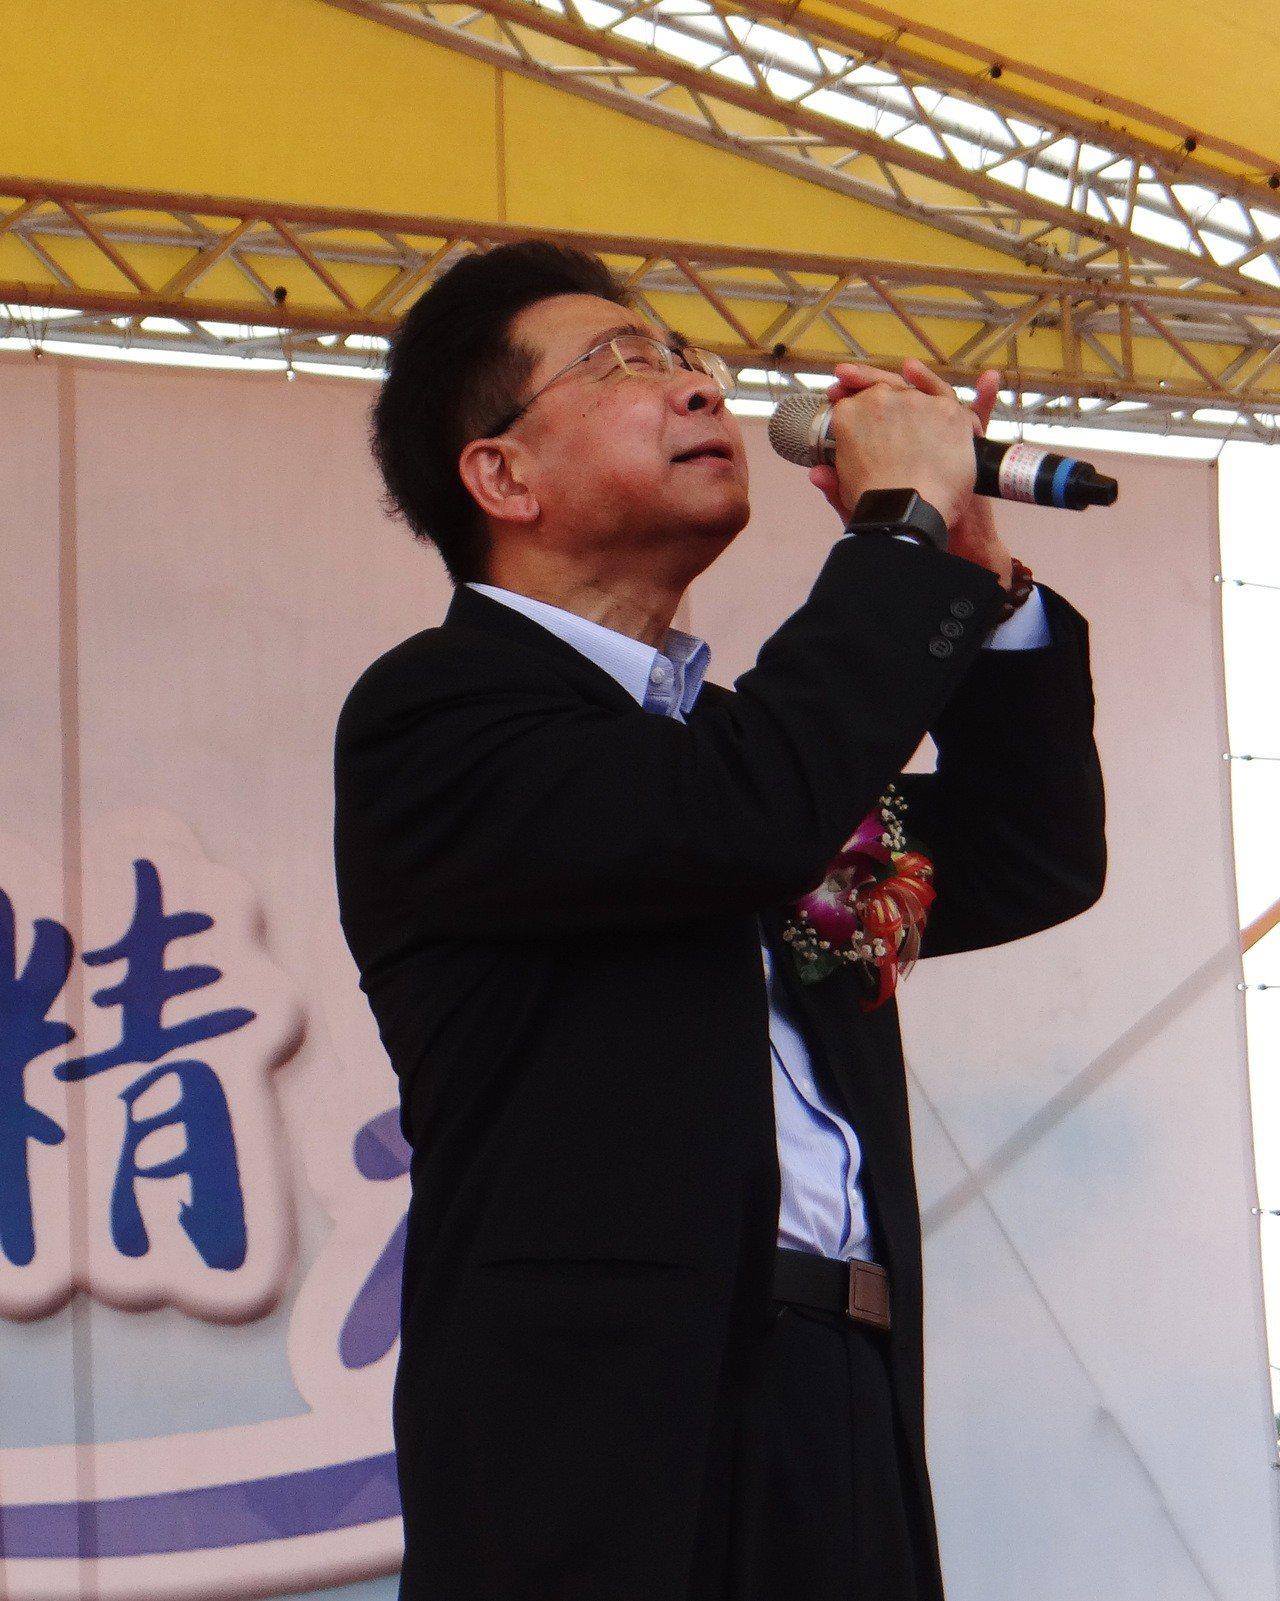 台塑總經理林善志是曾獲五燈獎五度五關的實力唱將,今天回雲林故鄉重執麥克風獻唱,台...